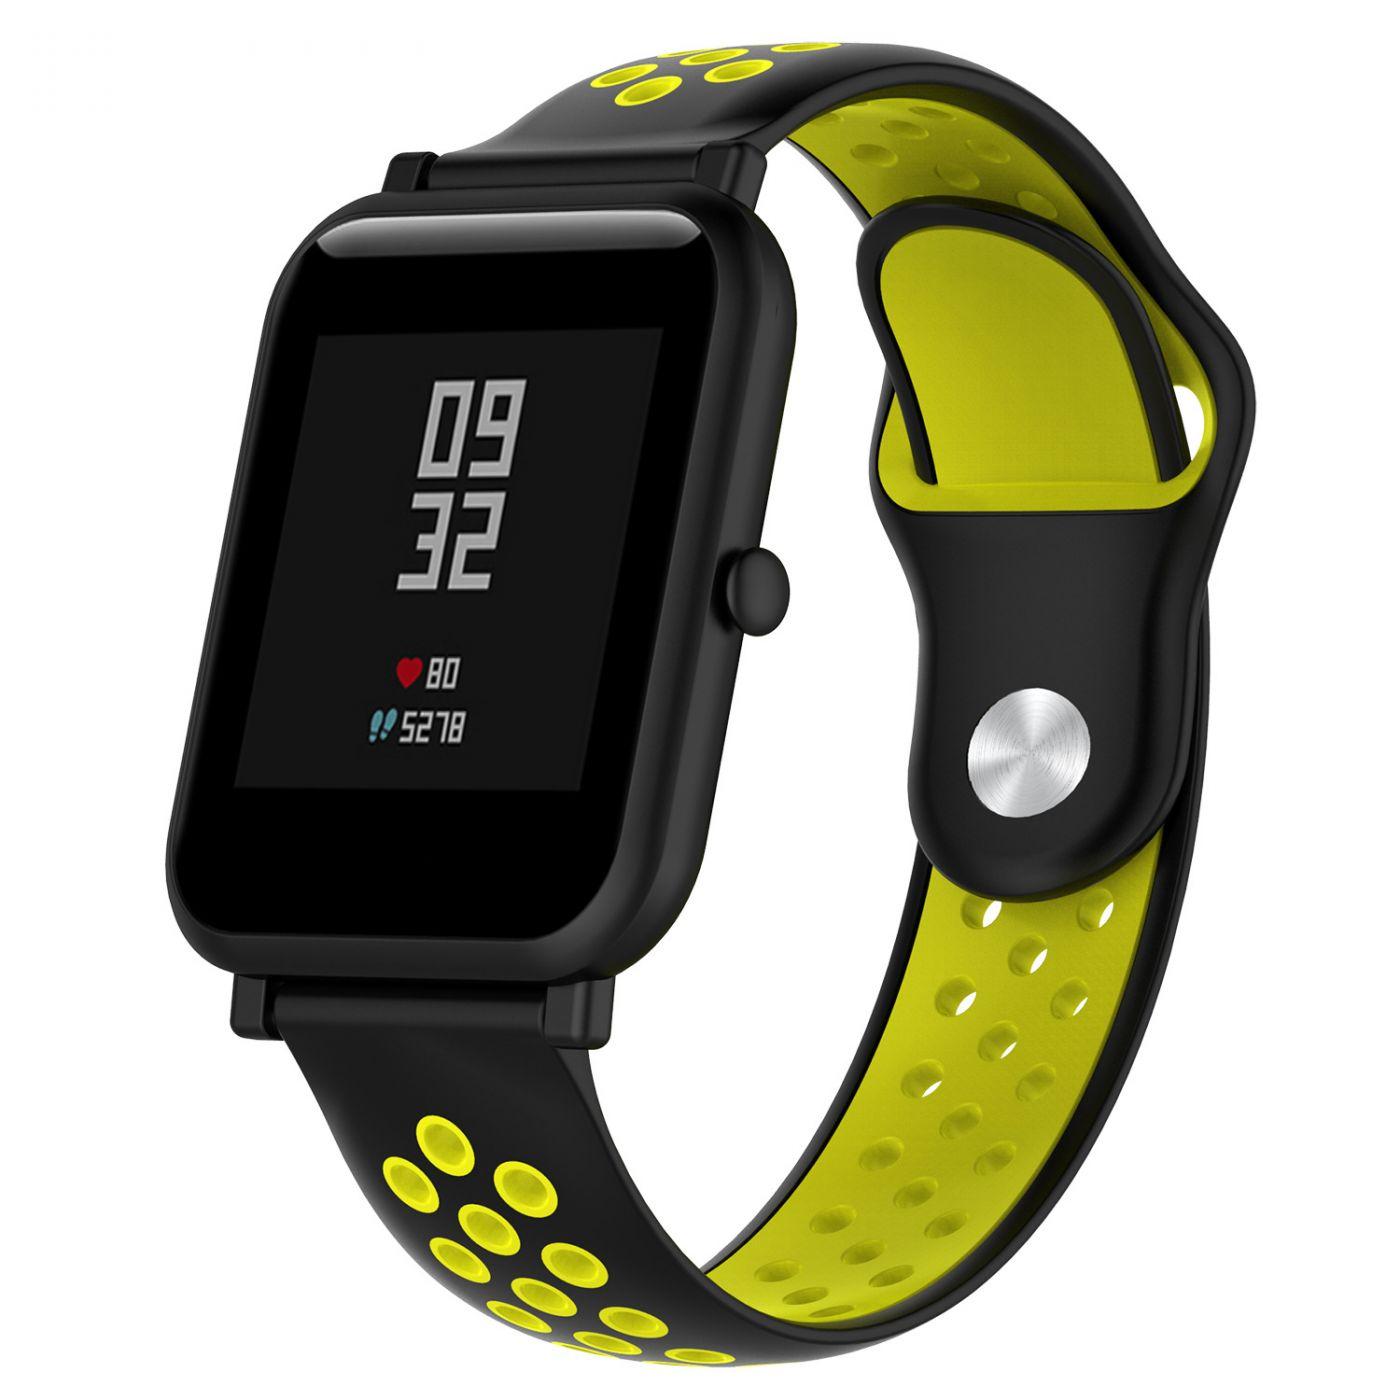 Сменный ремешок для Умных часов  Amazfit Bip Smartwatch (Черный - Желтый)